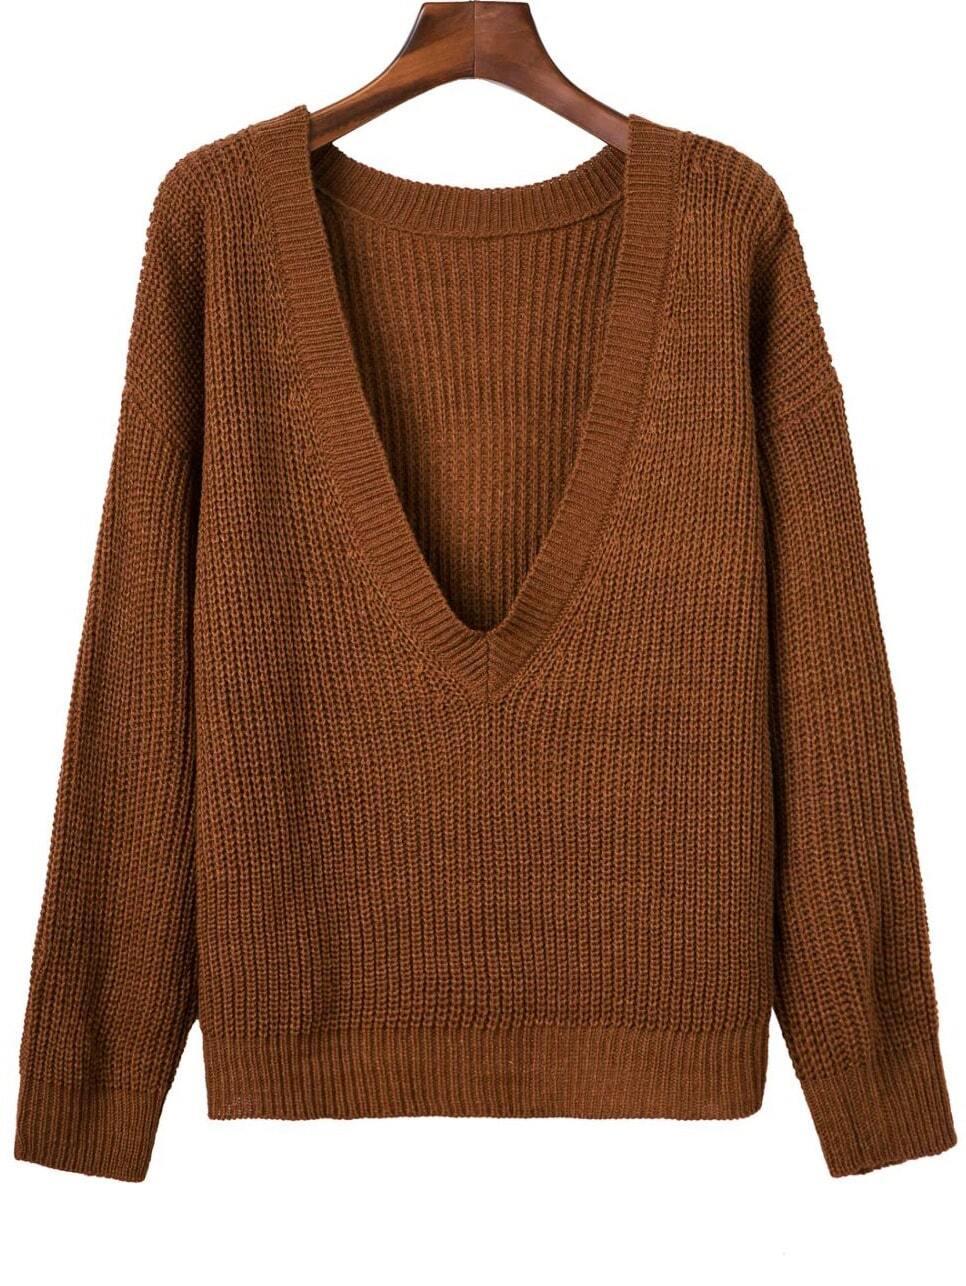 Brown Ribbed V Neck Drop Shoulder Sweater sweater161027210